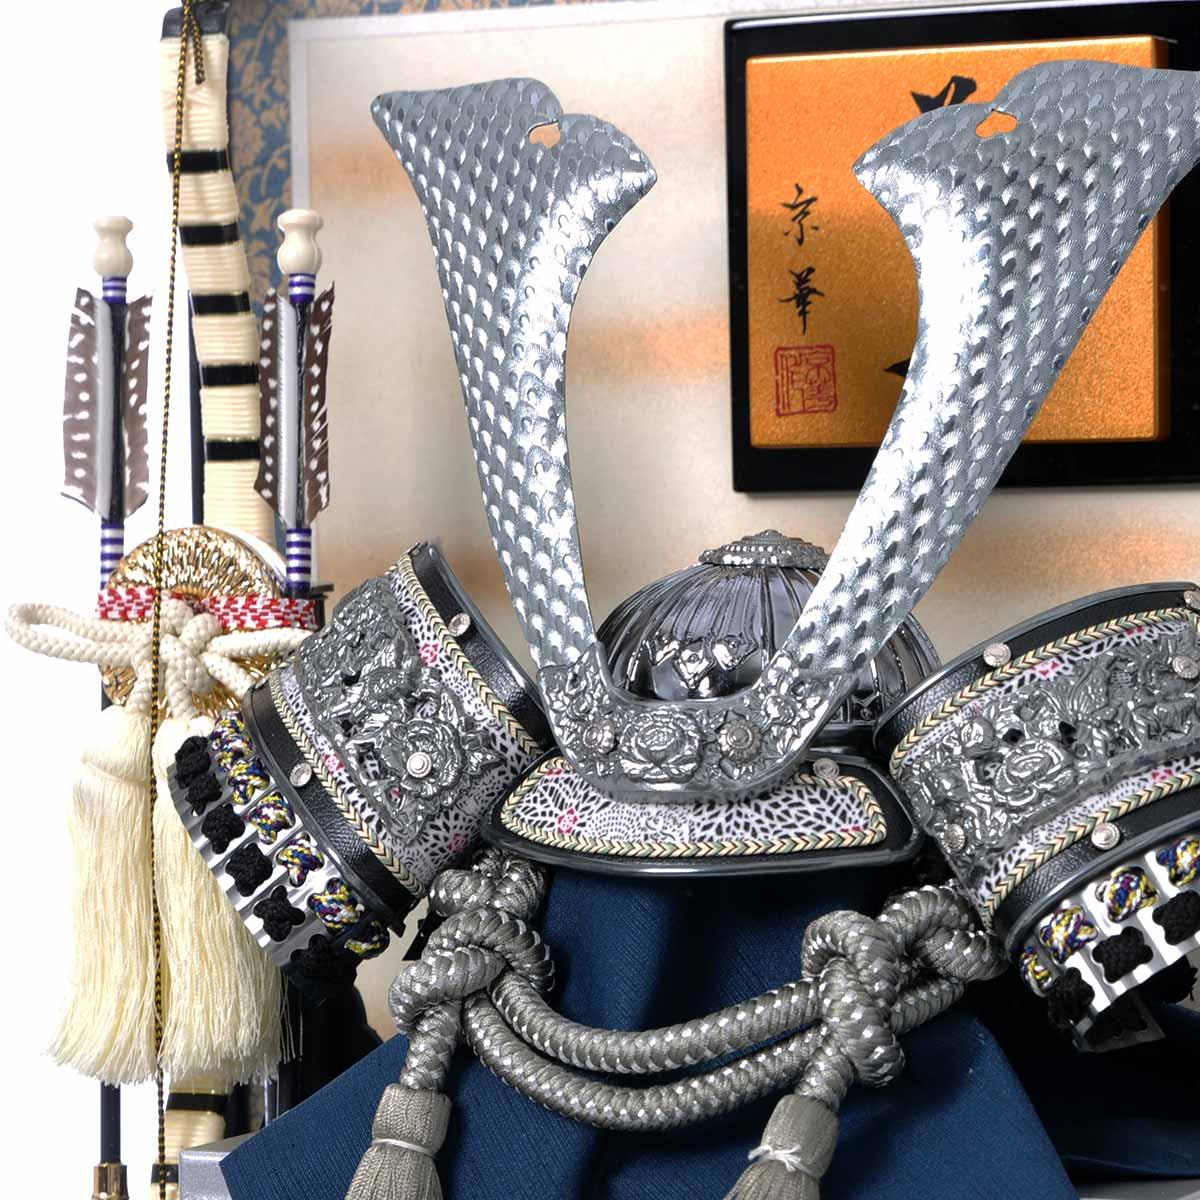 12号 特選燻銀中鍬 兜ケース飾 (ケース 飾り) 斜め上からの画像